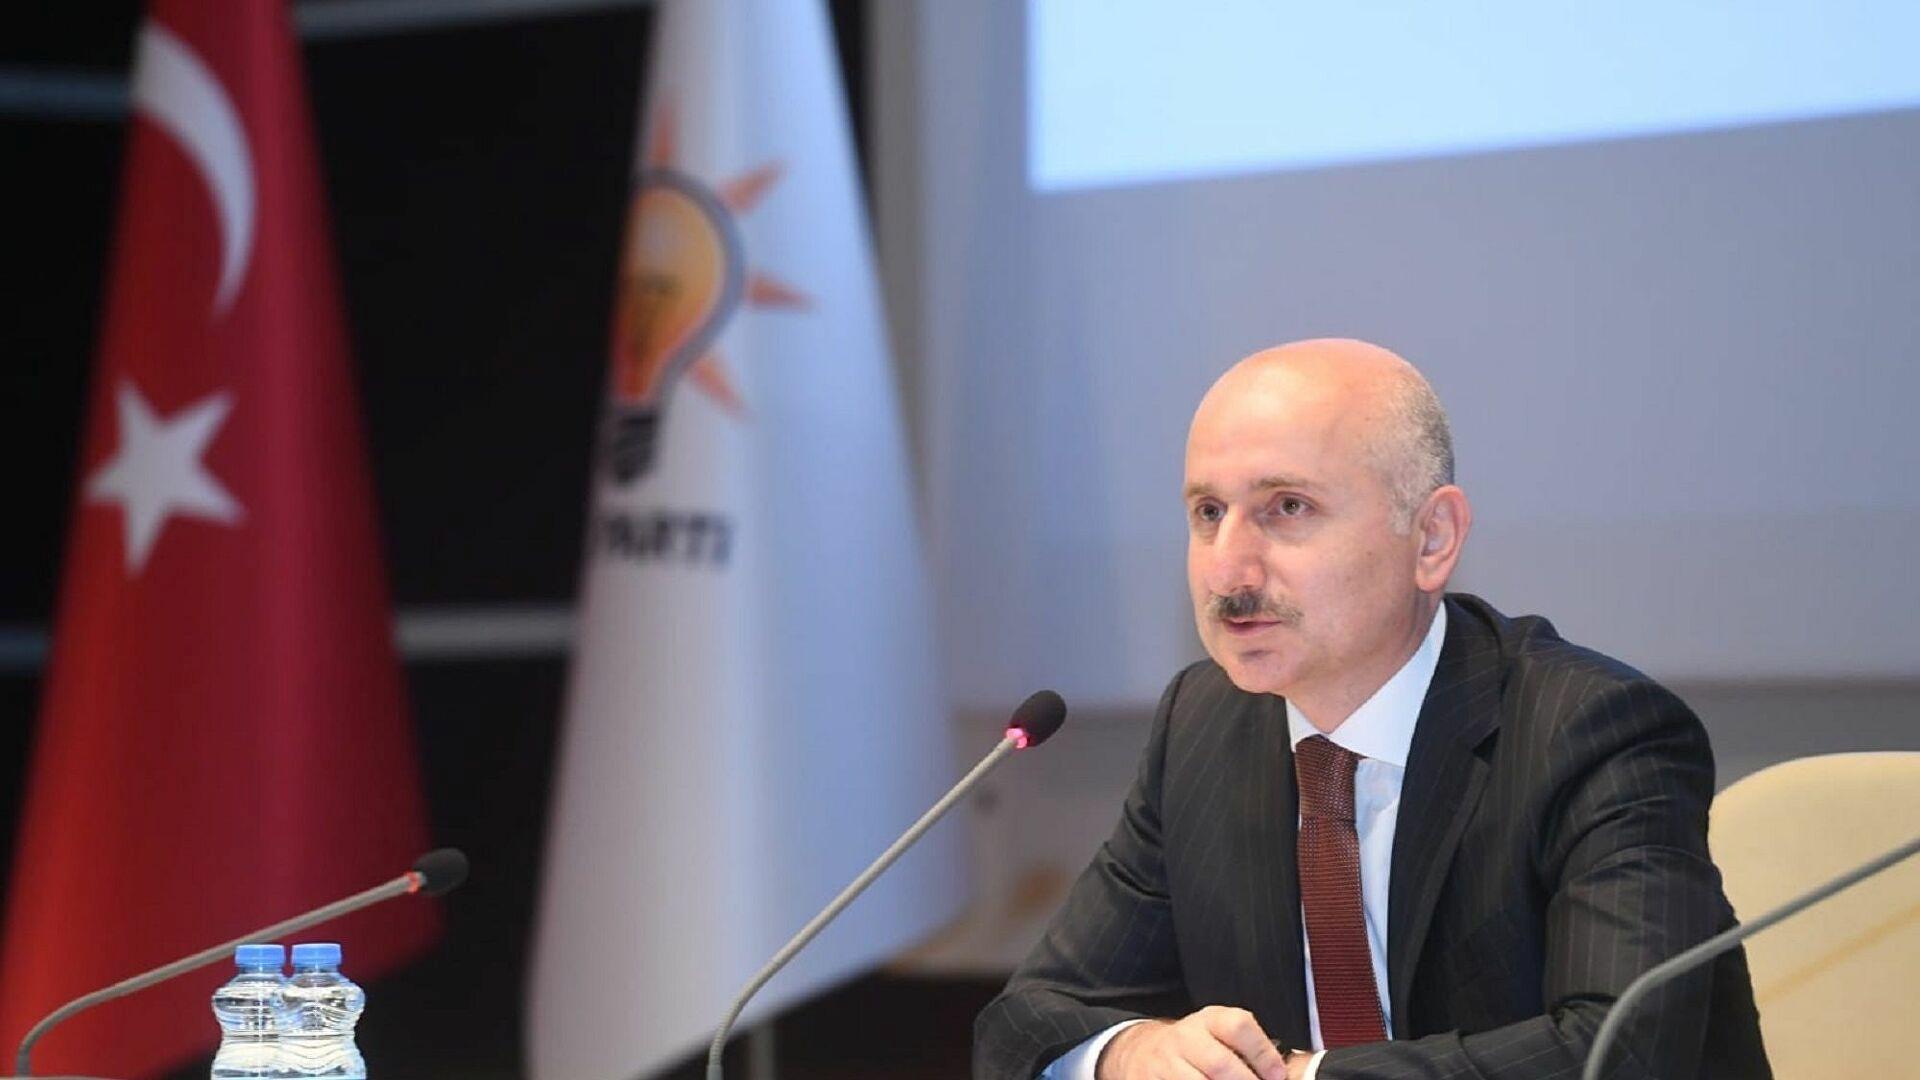 Bakan Karaismailoğlu: Ülkemiz güçlü kara yolu sektörü ile ihracatını sürekli artırmaya devam etti